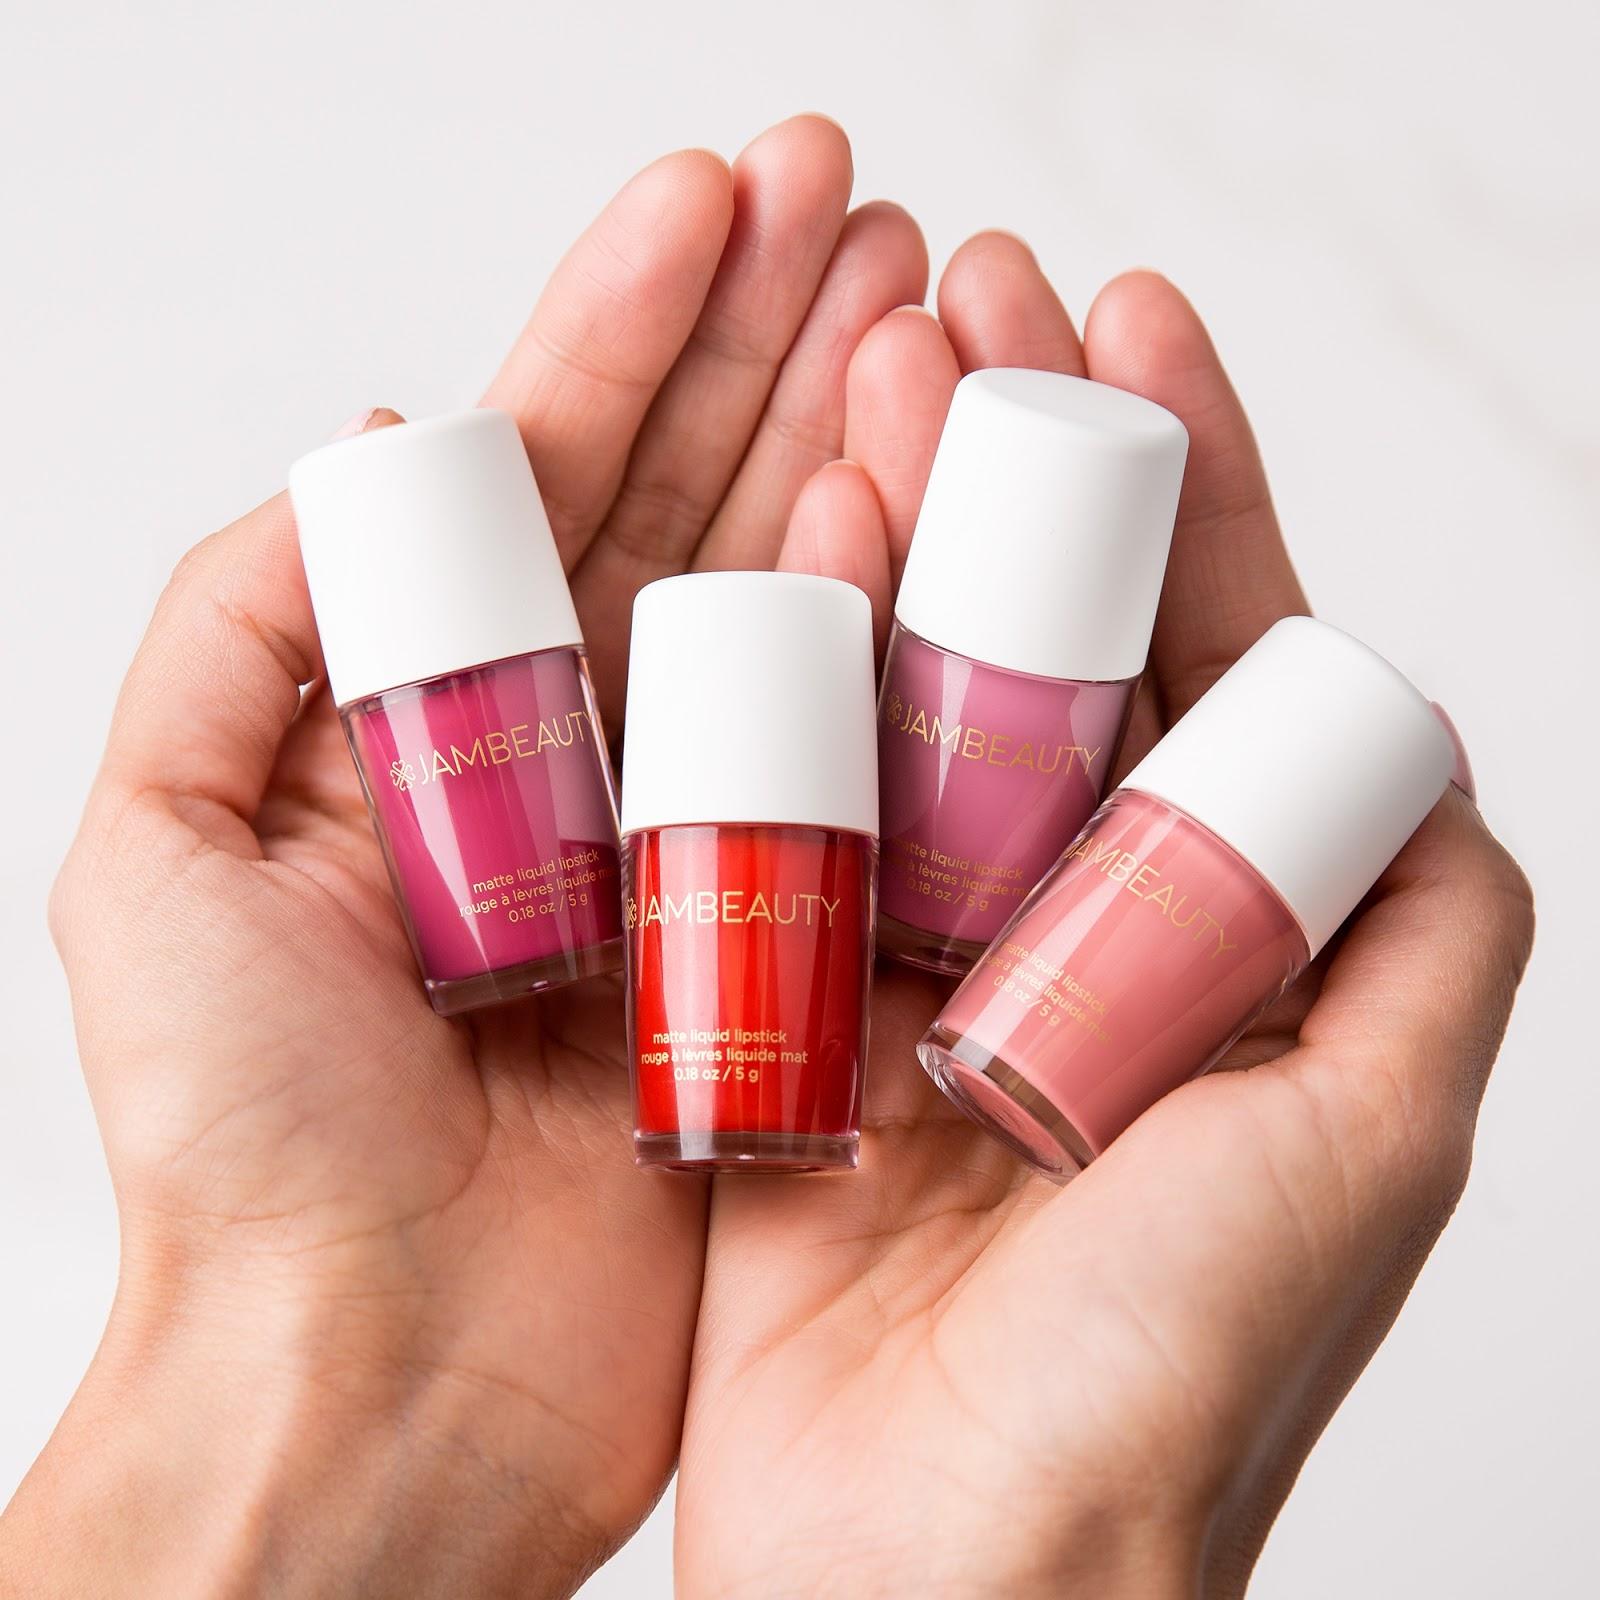 Stina Bella: What is a lip manicure?